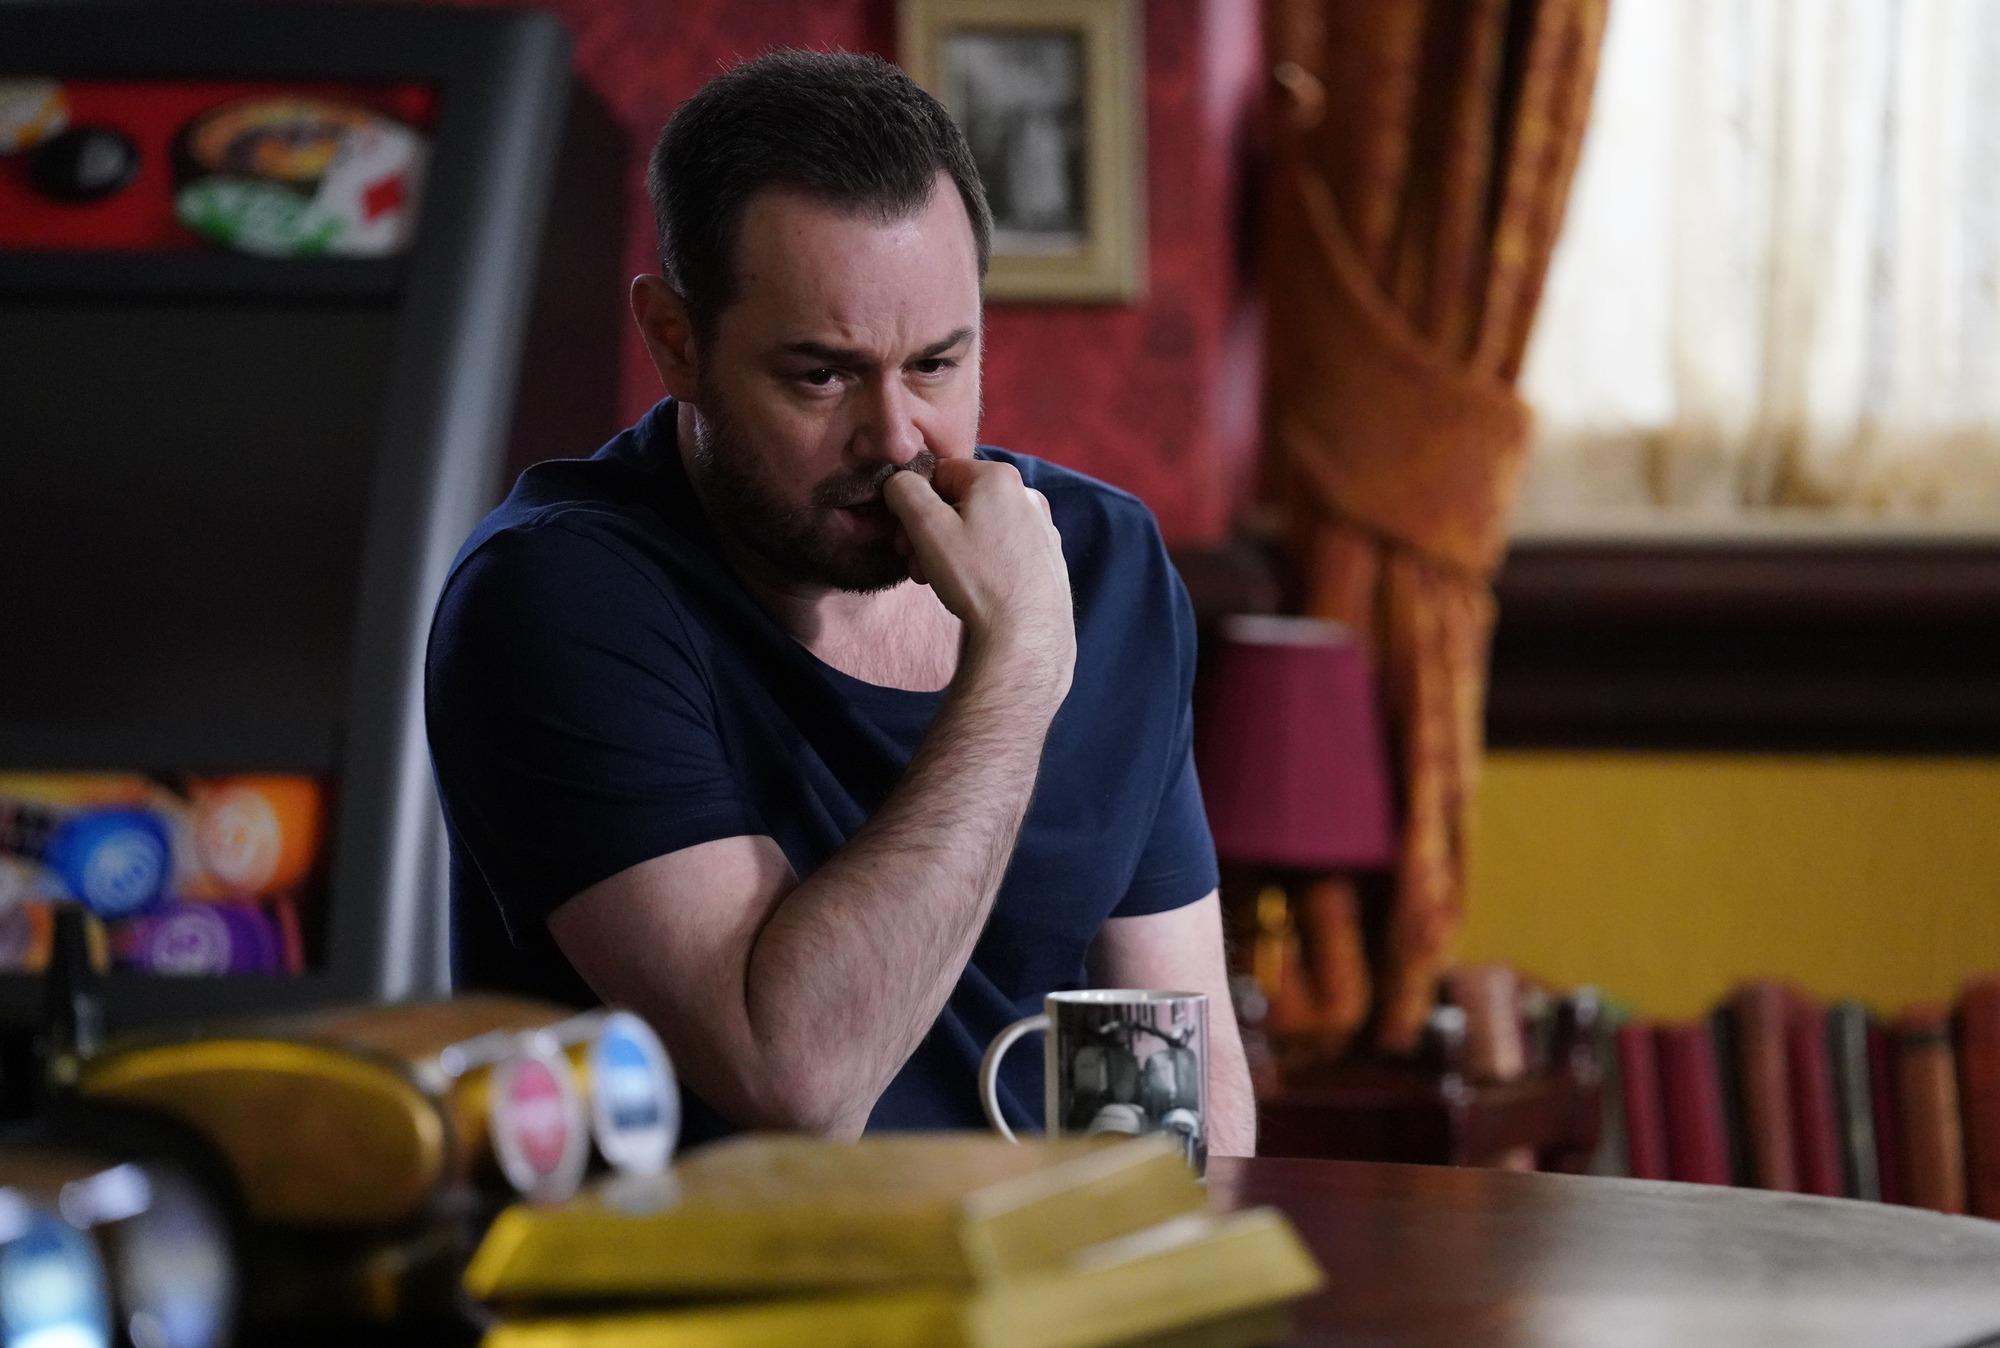 Mick is distraught in EastEnders